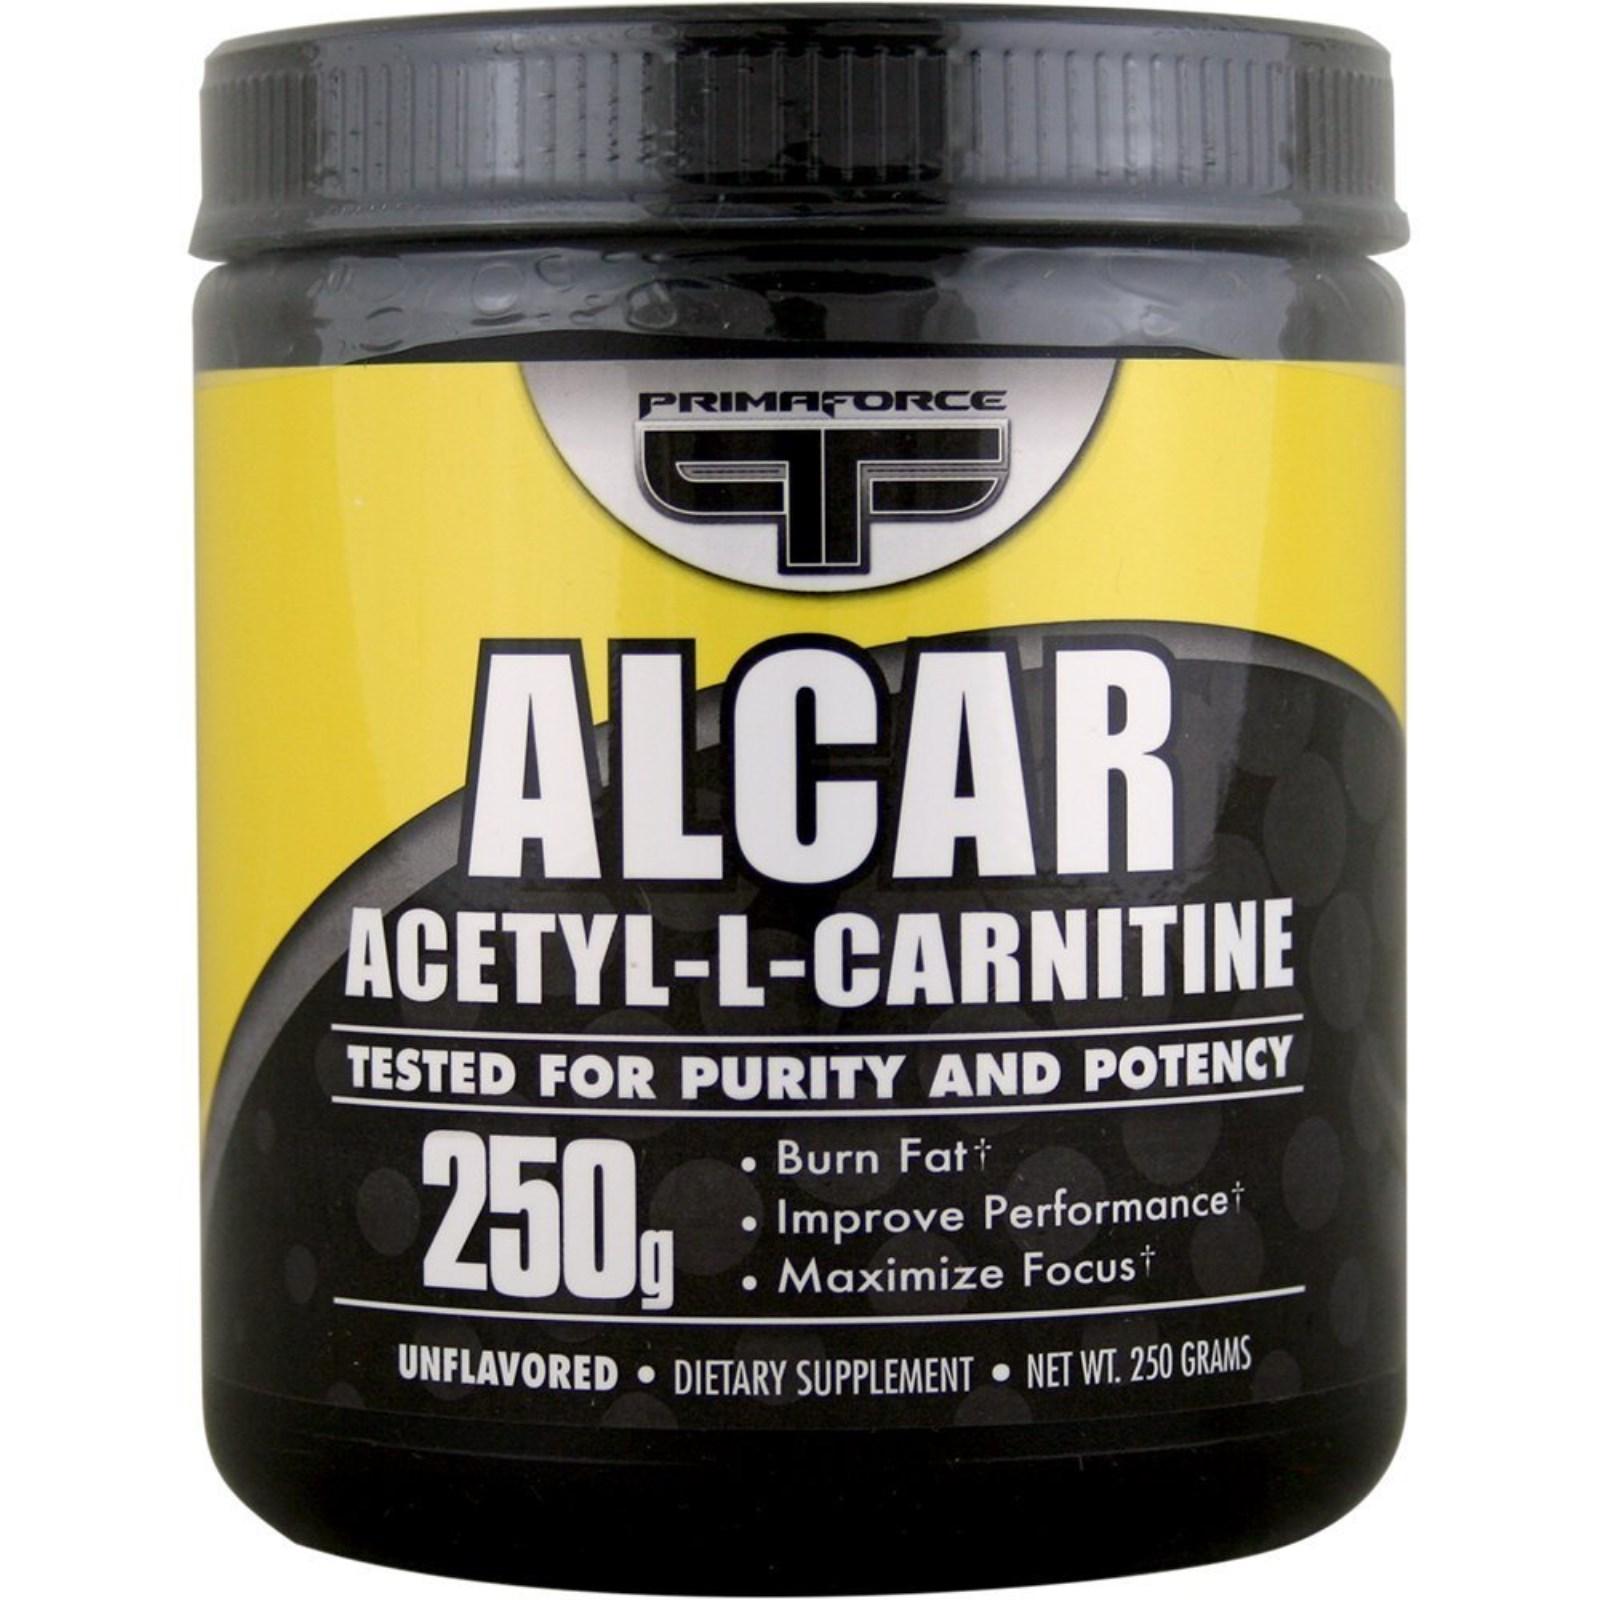 Ацетил-Л-карнитин от Primaforce 250 г в порошке